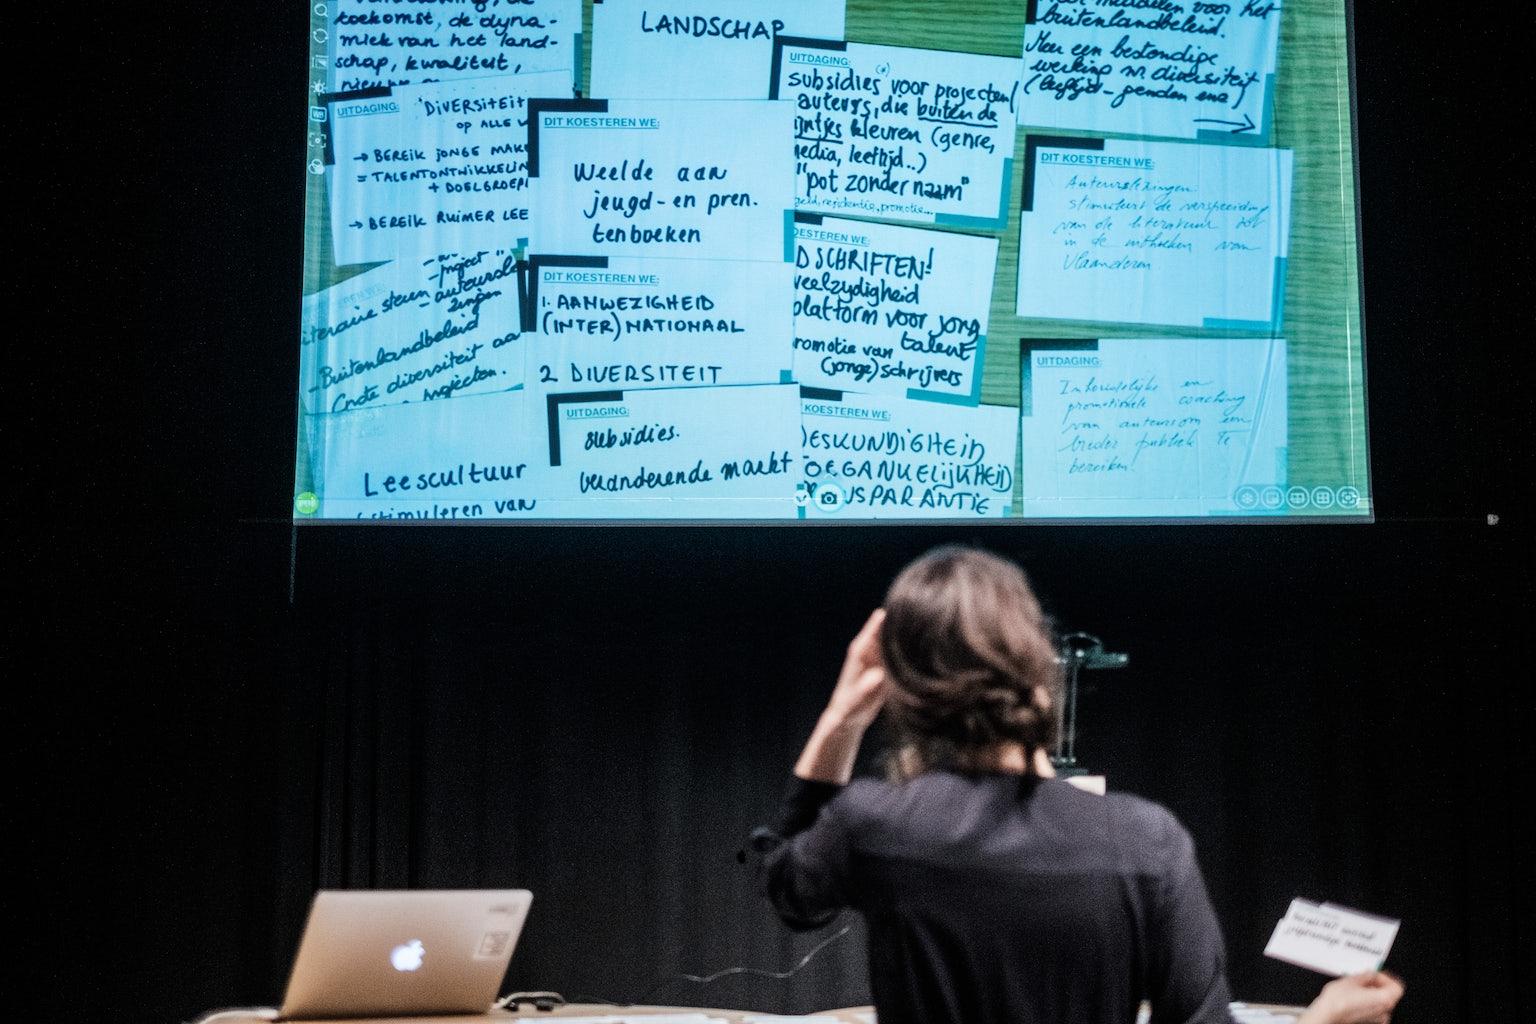 Brainstorm Literatuur Vlaanderen